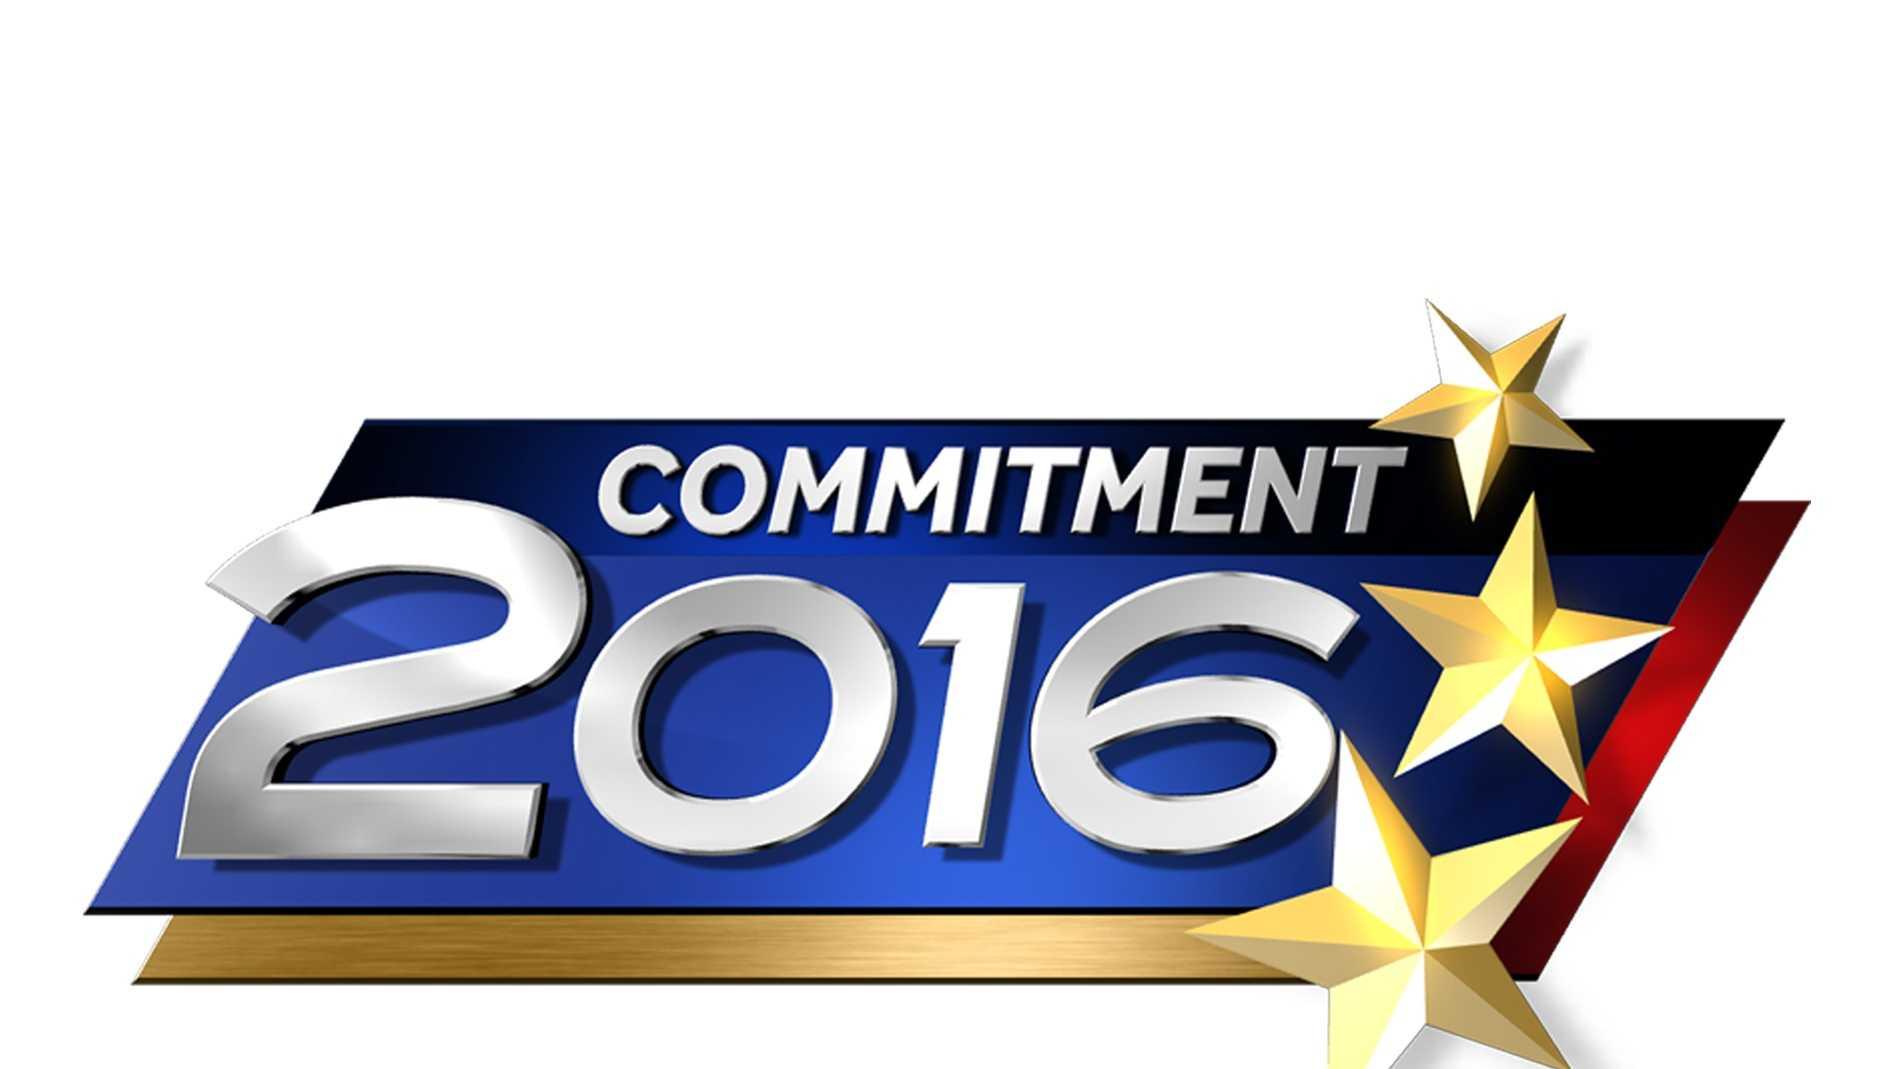 Commitment2016.jpg